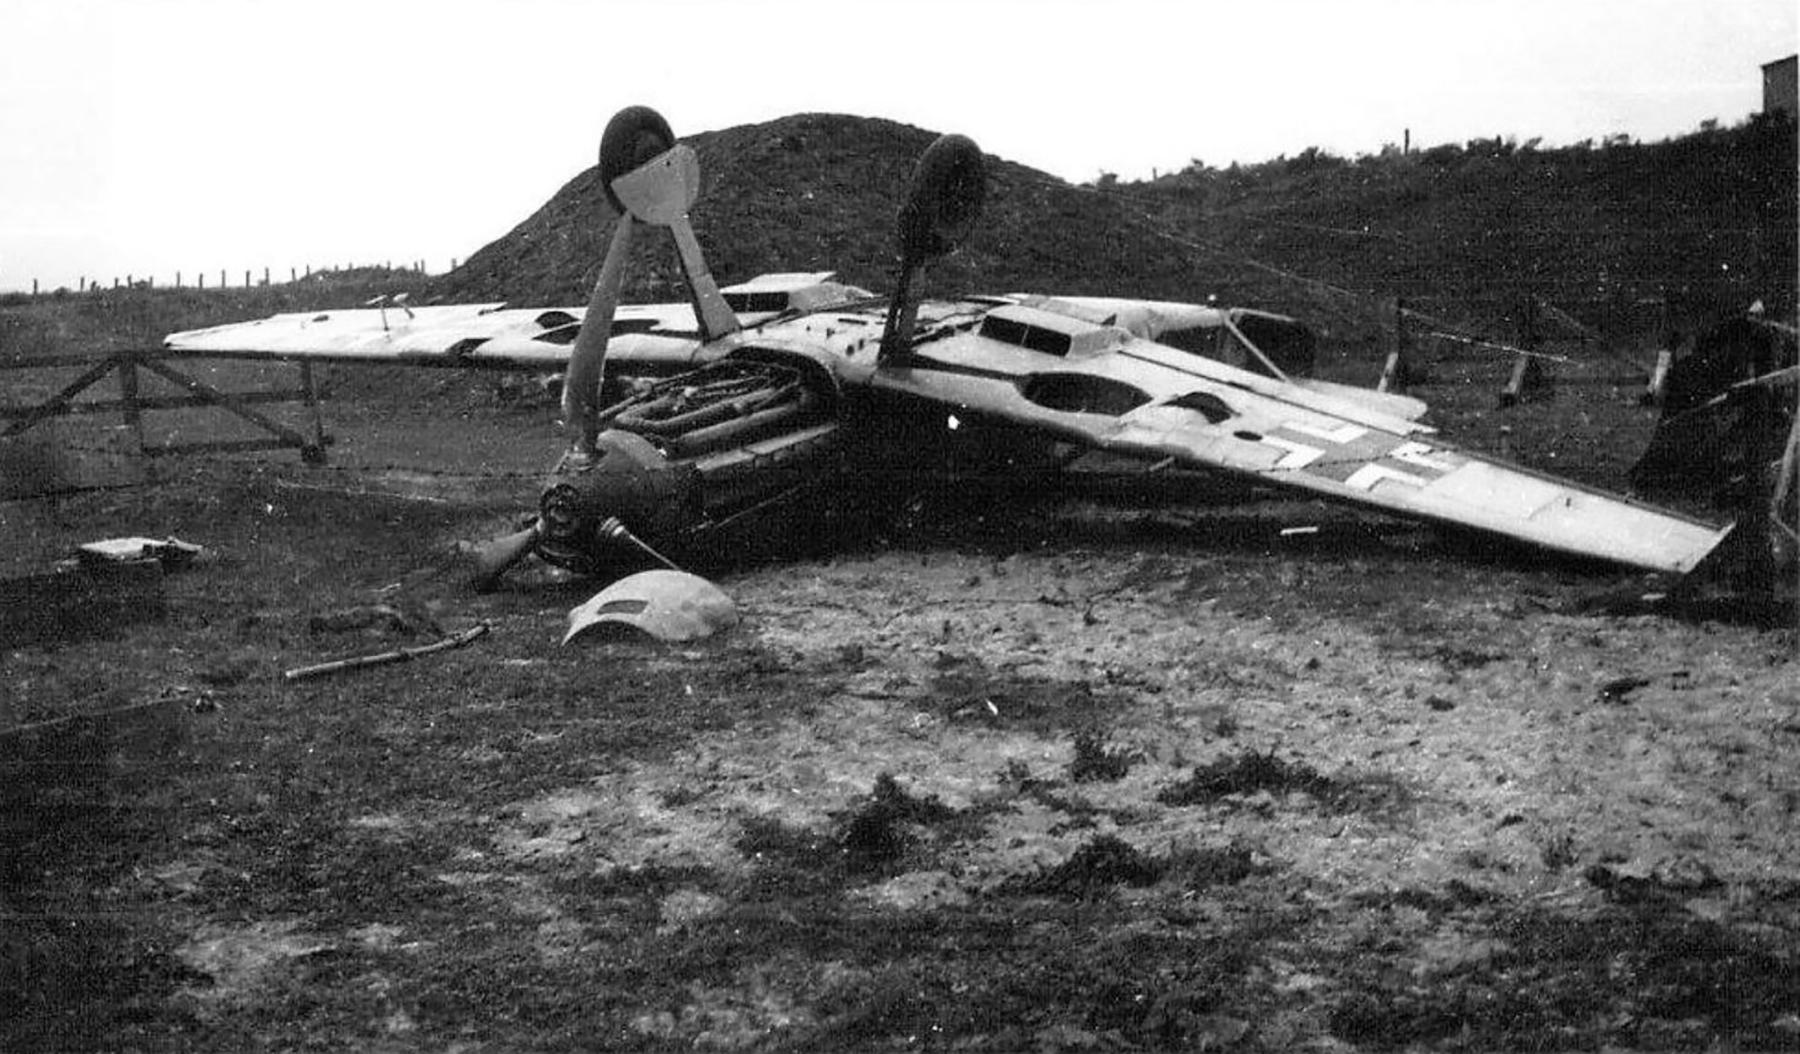 Messerschmitt Bf 109E 1.JG54 White 6 landing mishap ebay 05